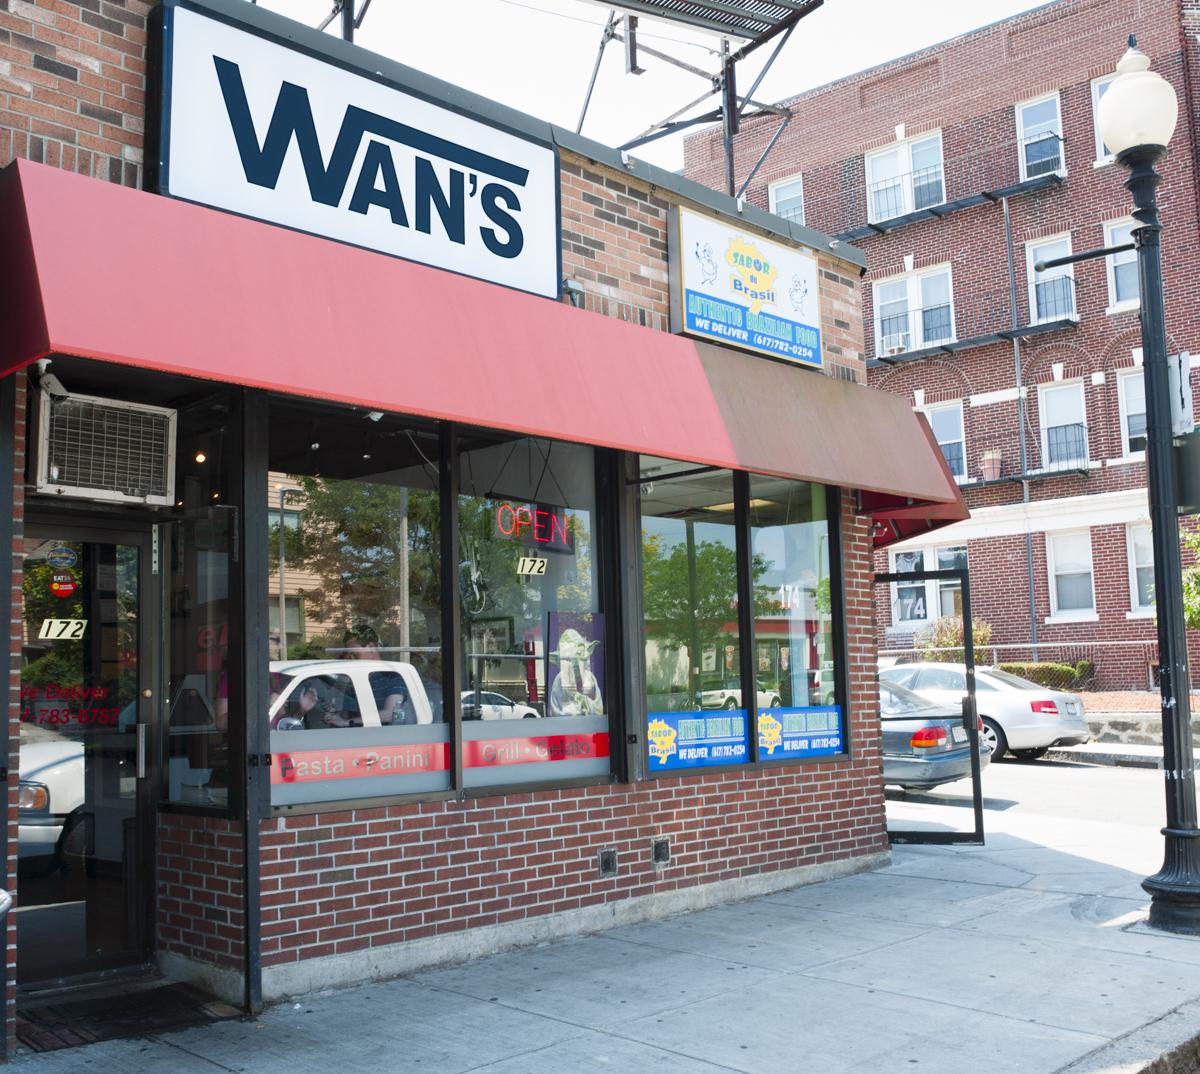 Wan's Deli in Allston